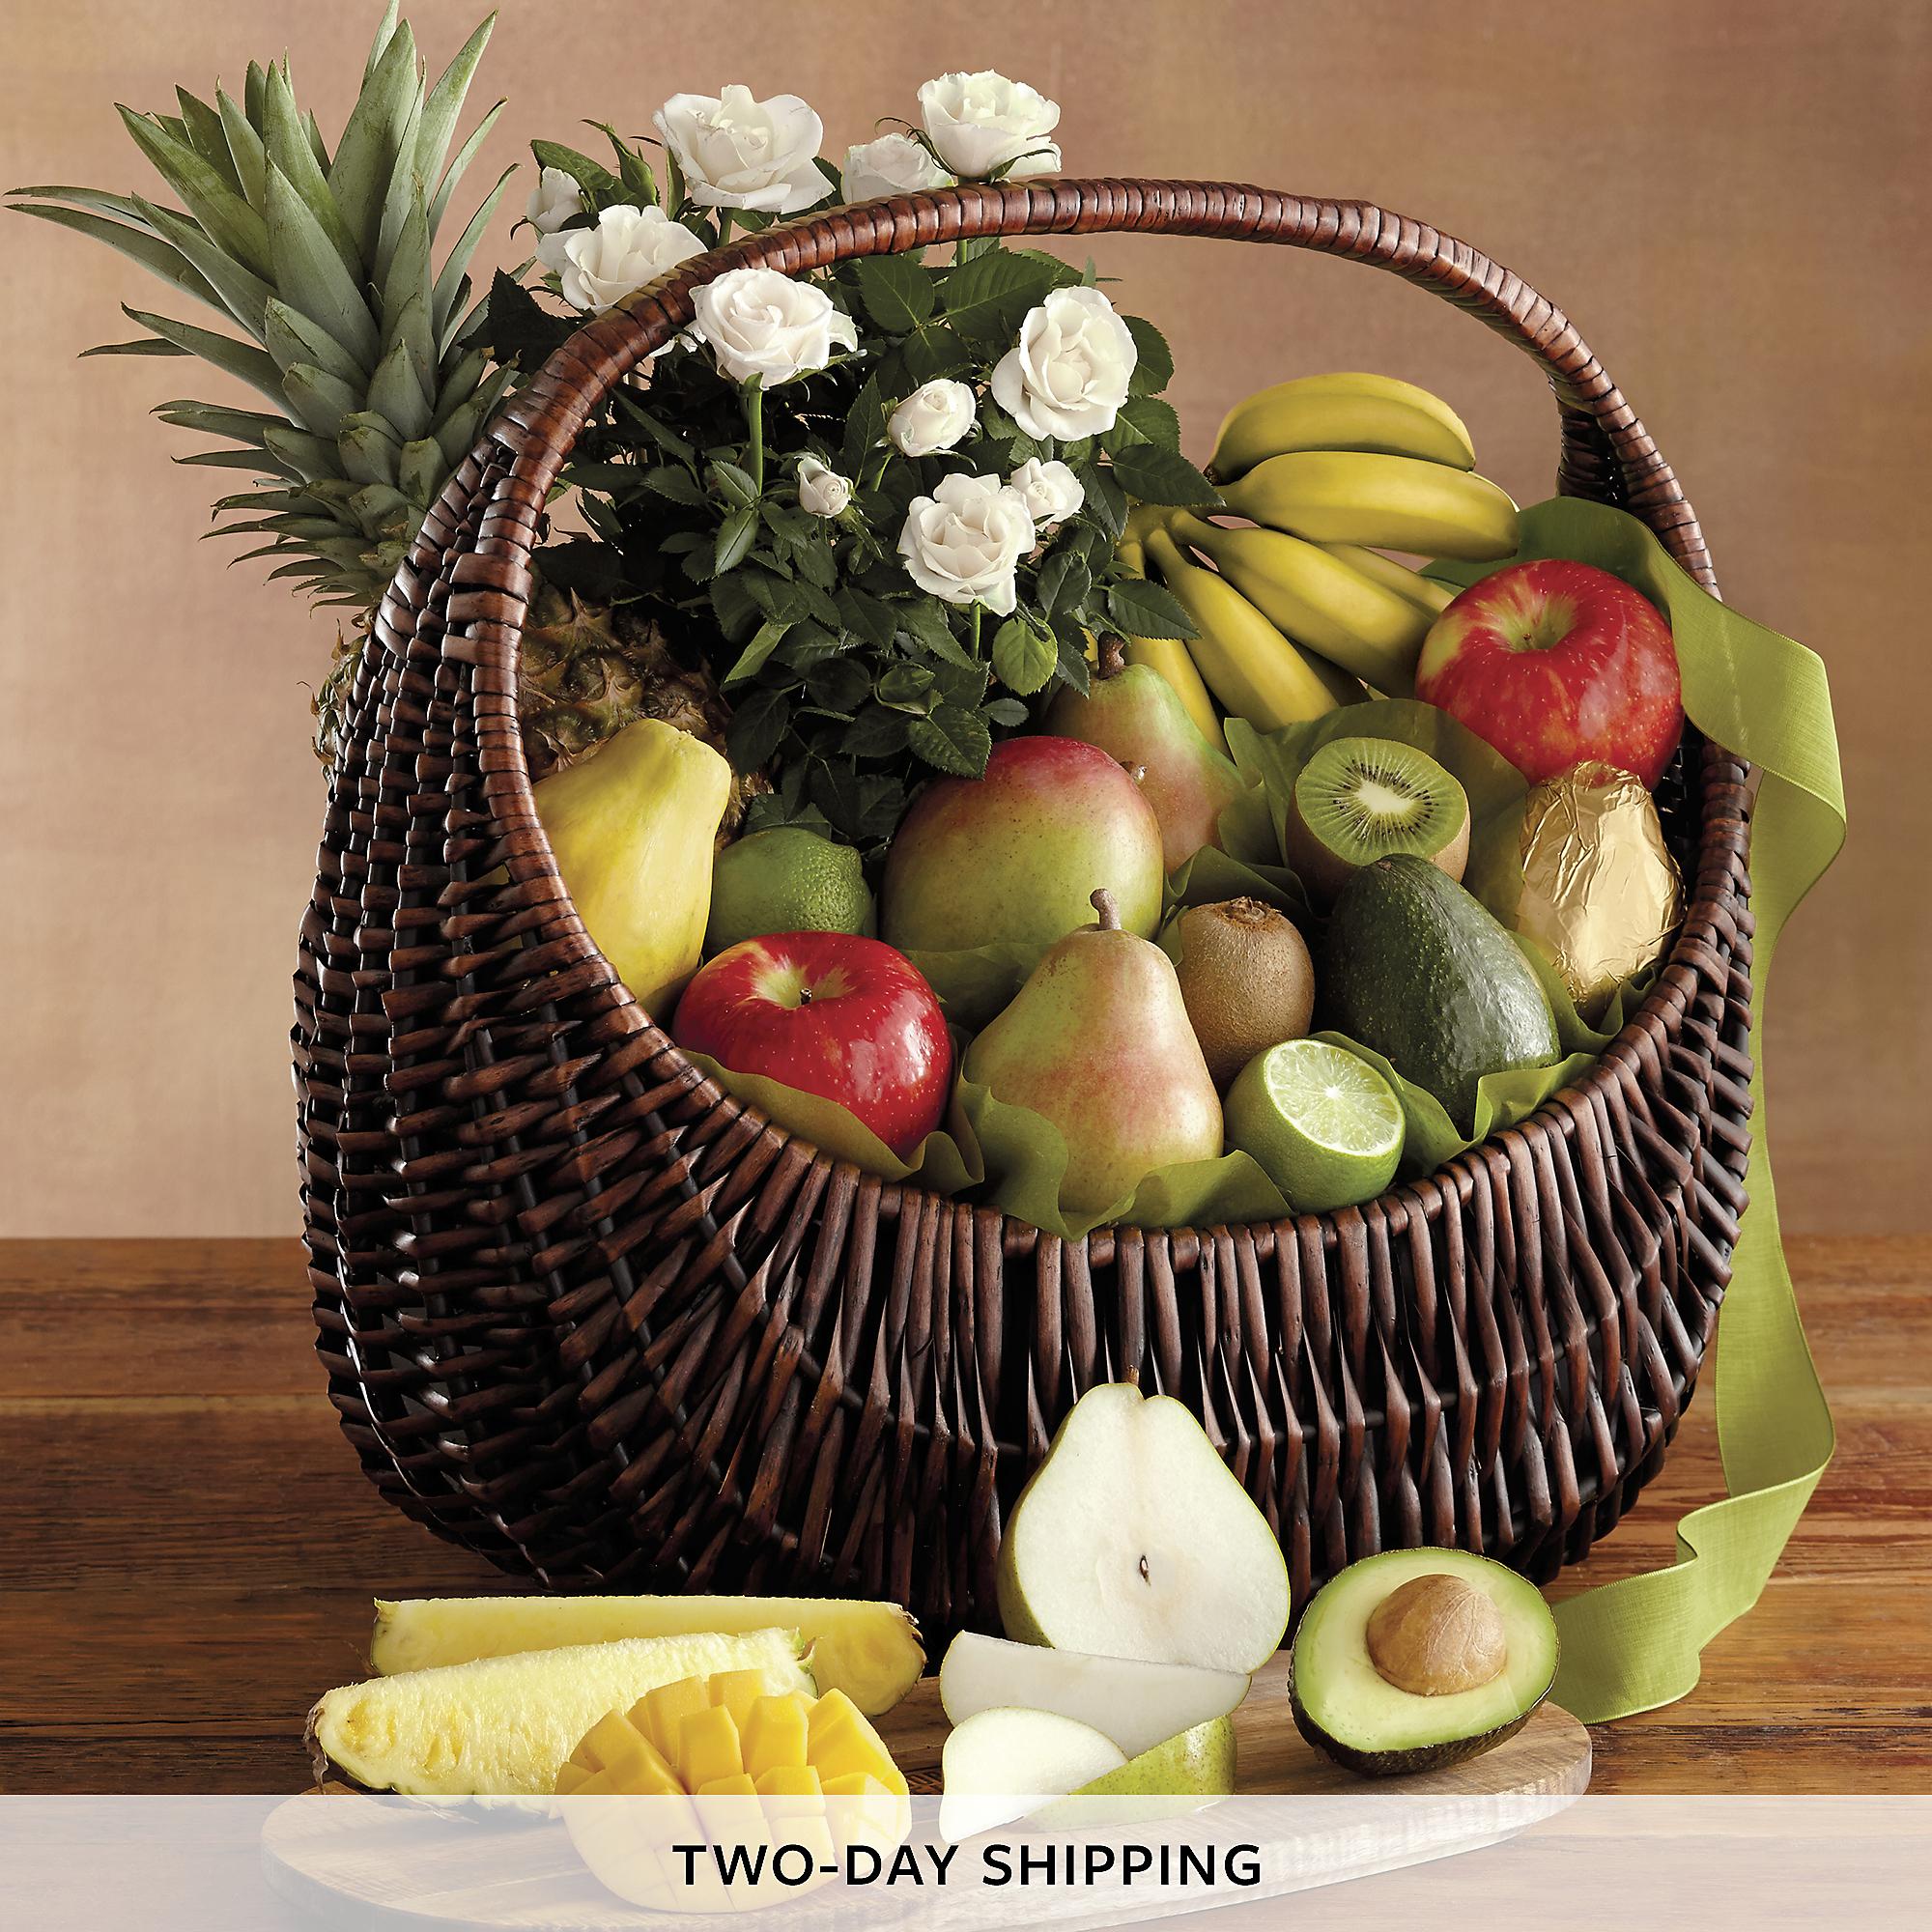 Flower Arrangements Gift Baskets : Flowers and fruit gift basket baskets harry david